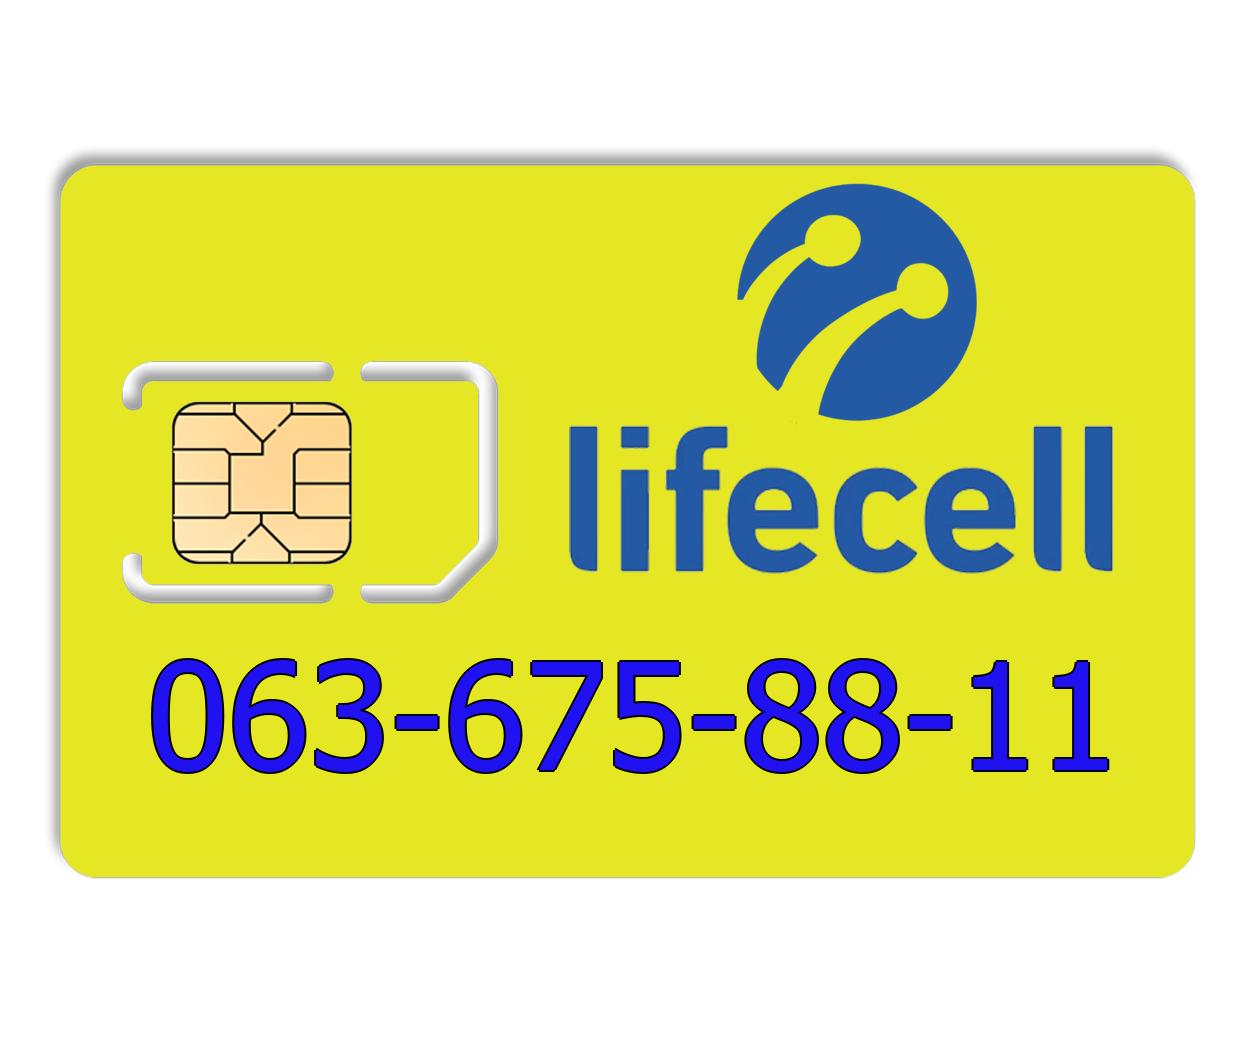 Красивый номер lifecell 063-675-88-11